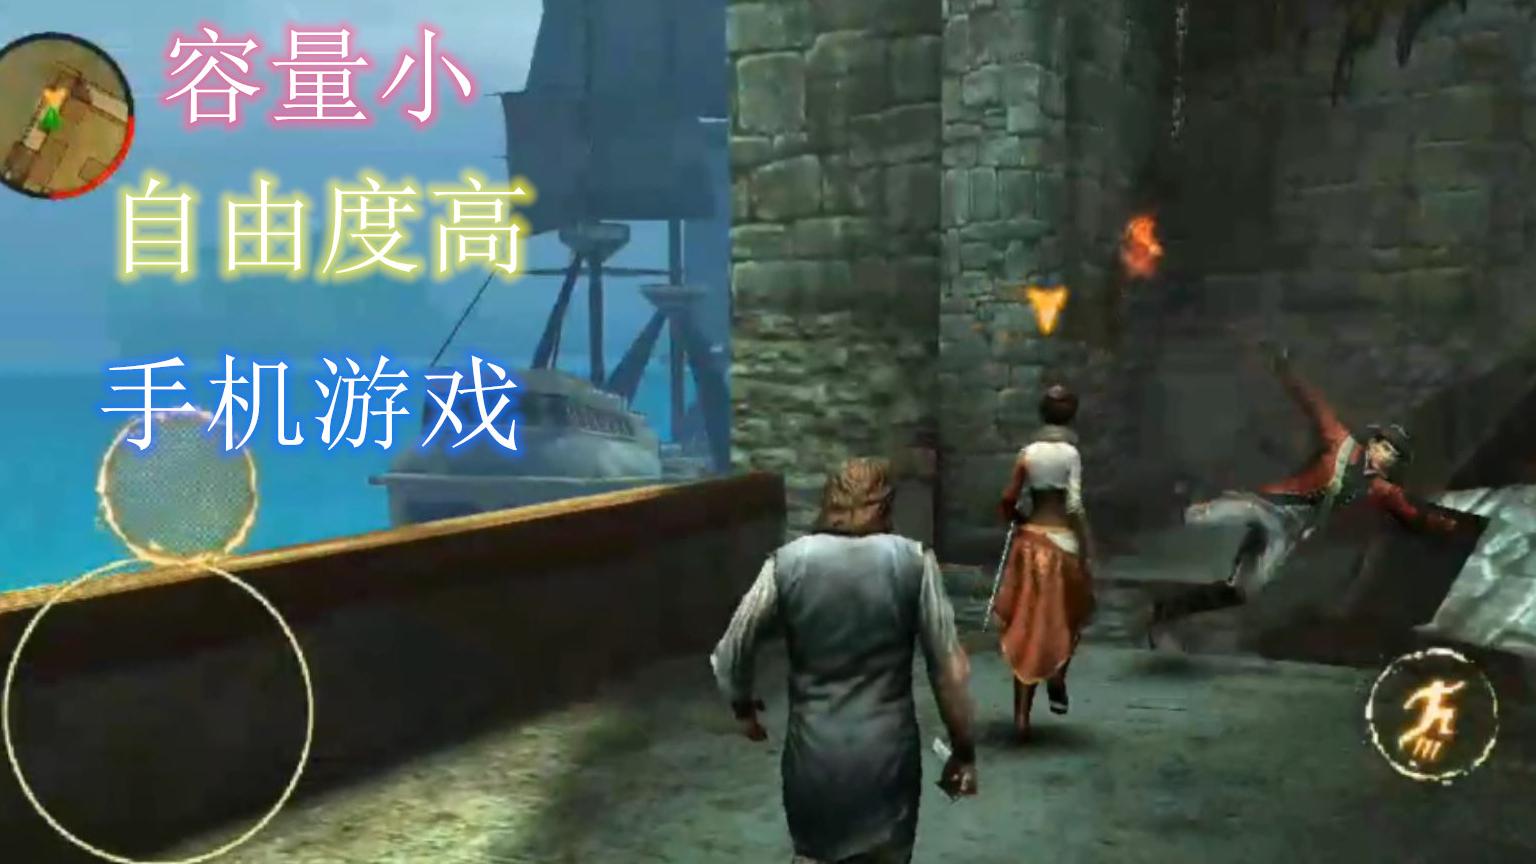 手游推荐:这是一款动作冒险游戏,也是一款开放世界的沙盒游戏!